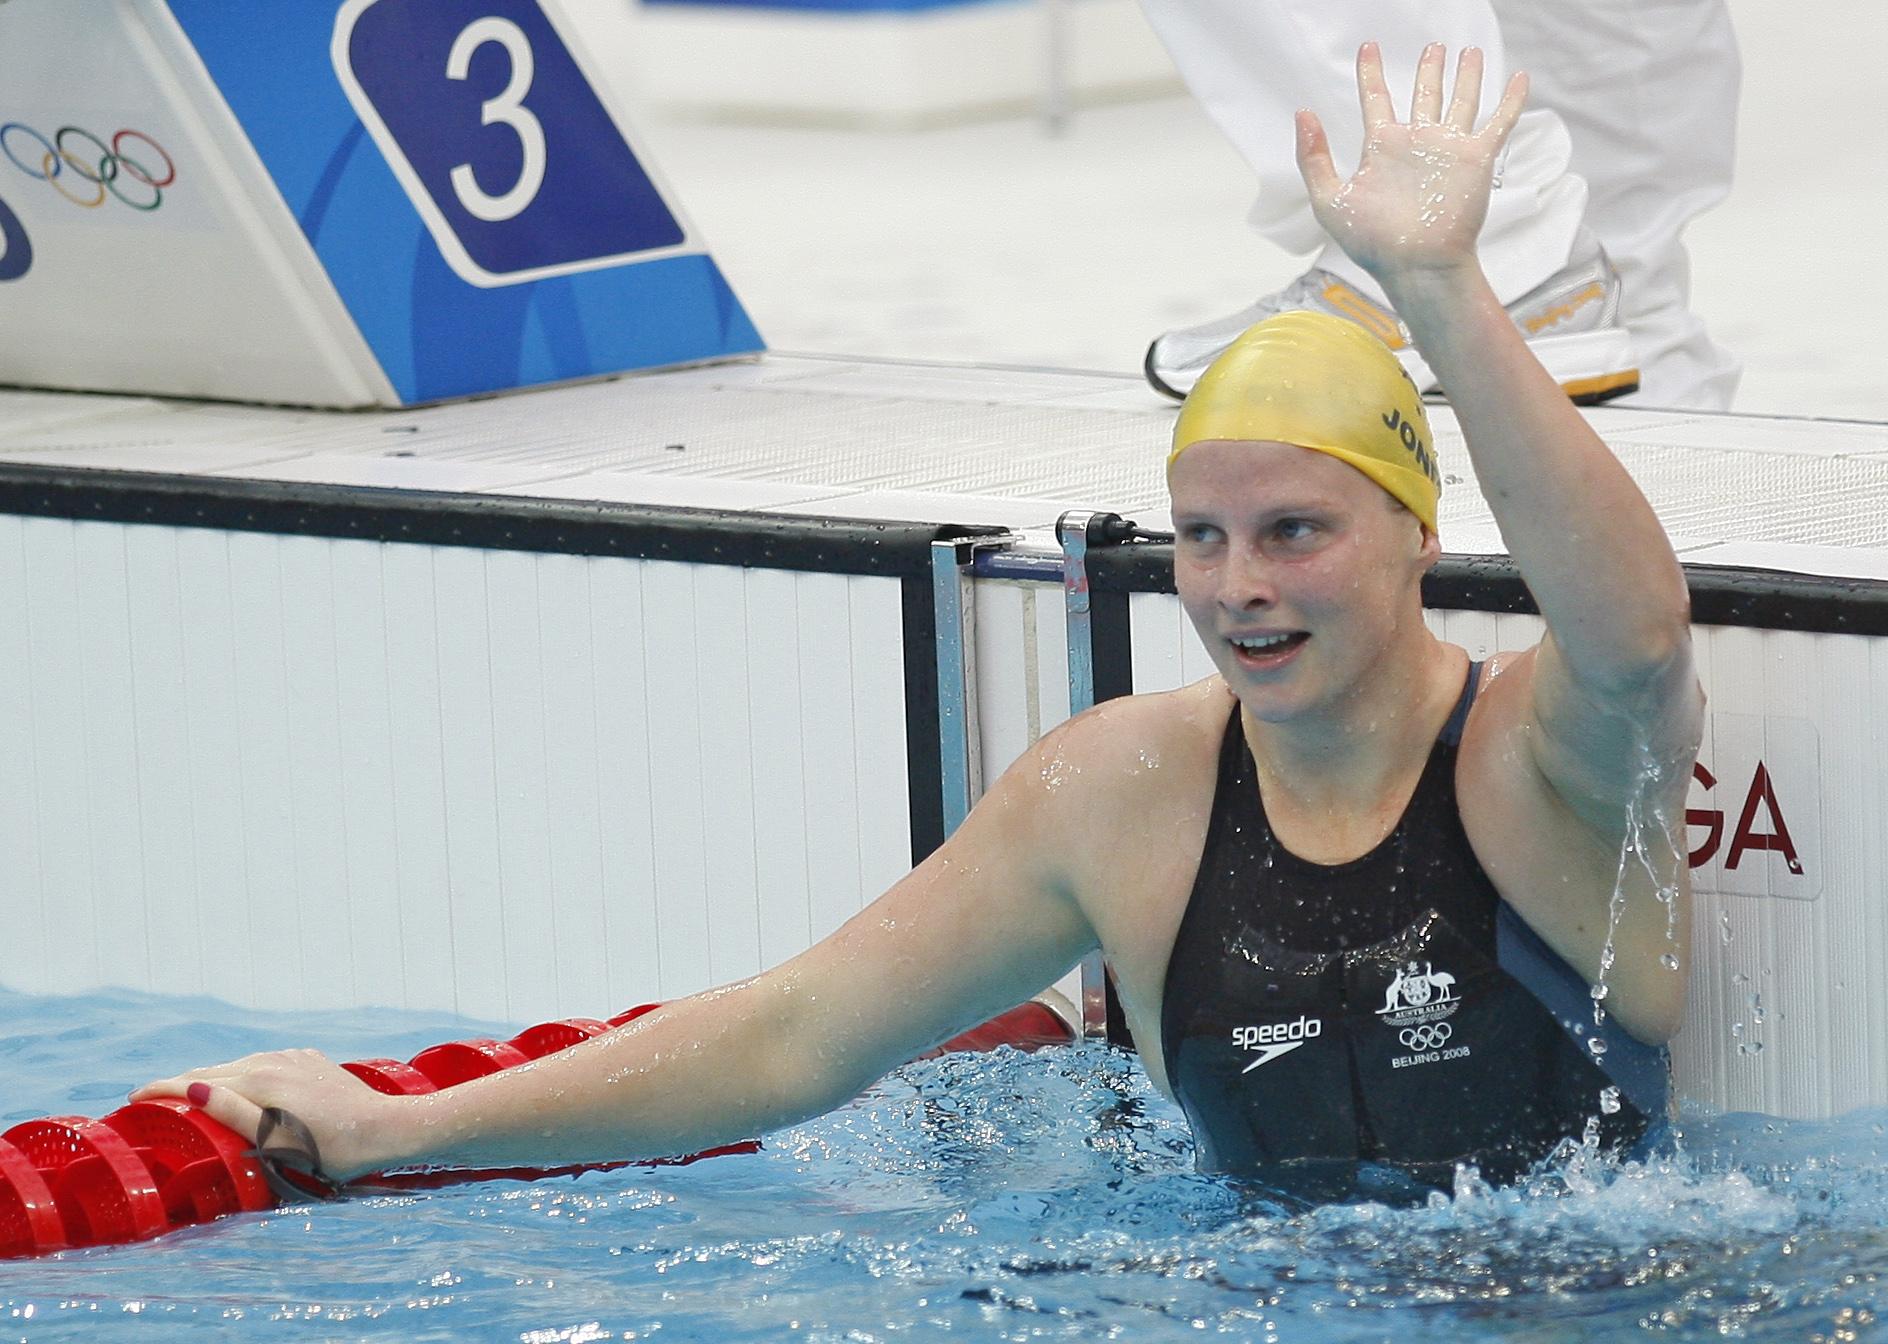 Best Female Swimmers - Leisel Jones